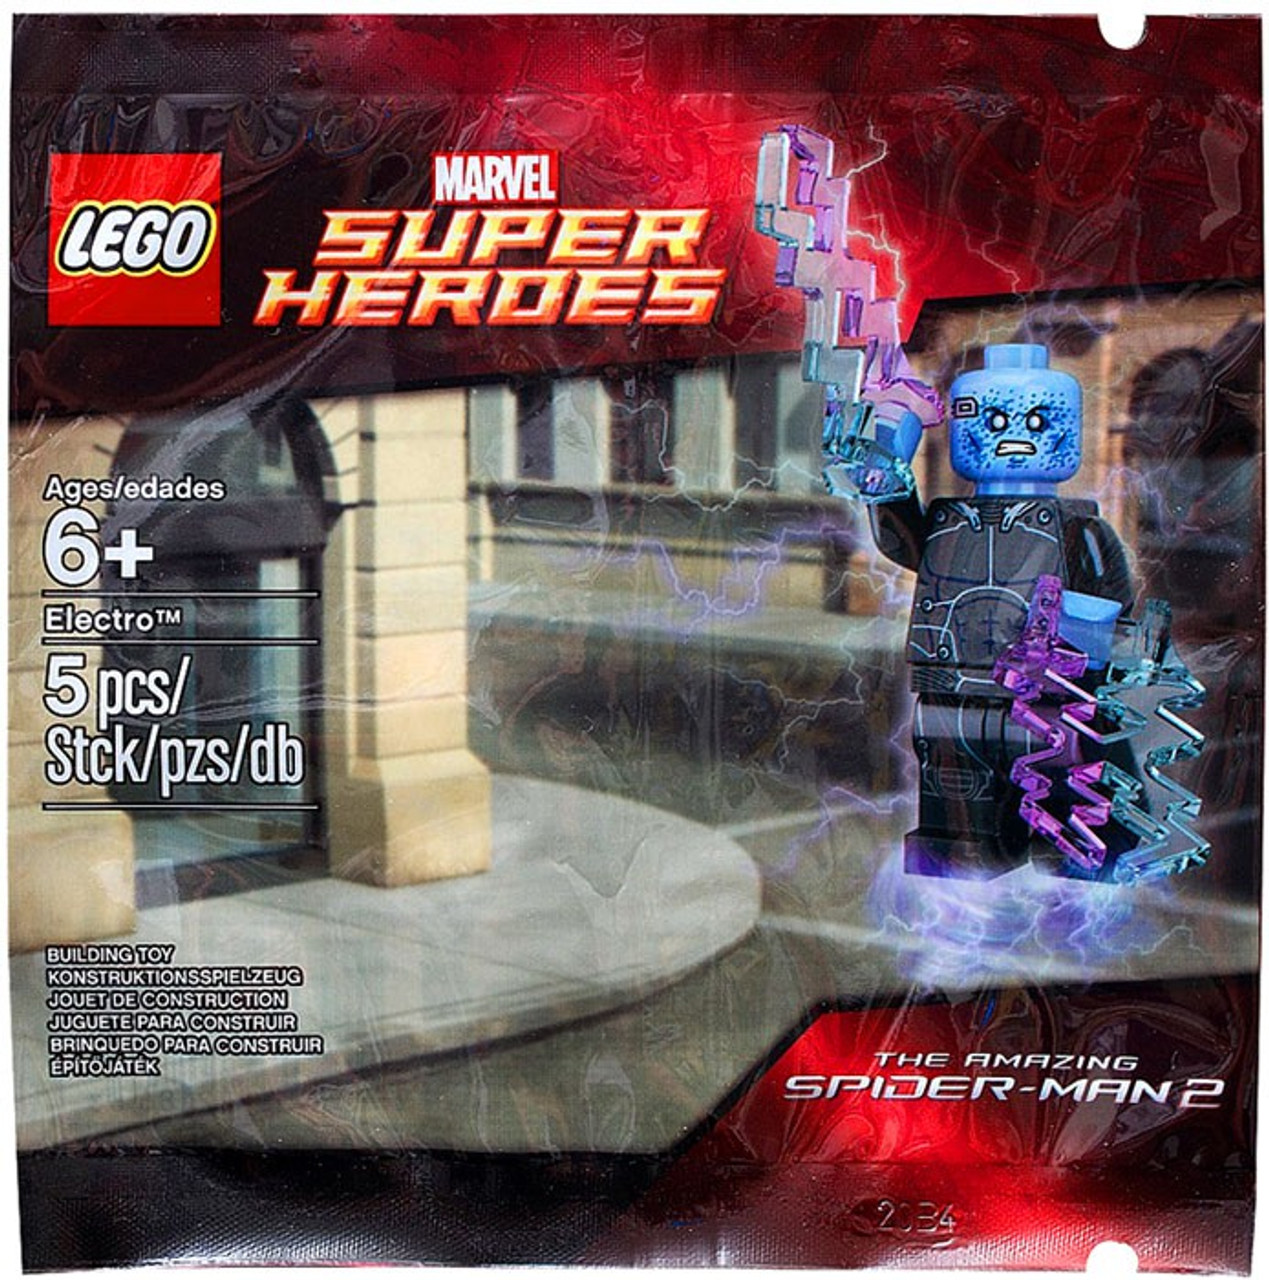 Lego marvel super heroes the amazing spider man 2 electro set 5002125 bagged toywiz - Lego the amazing spider man 3 ...